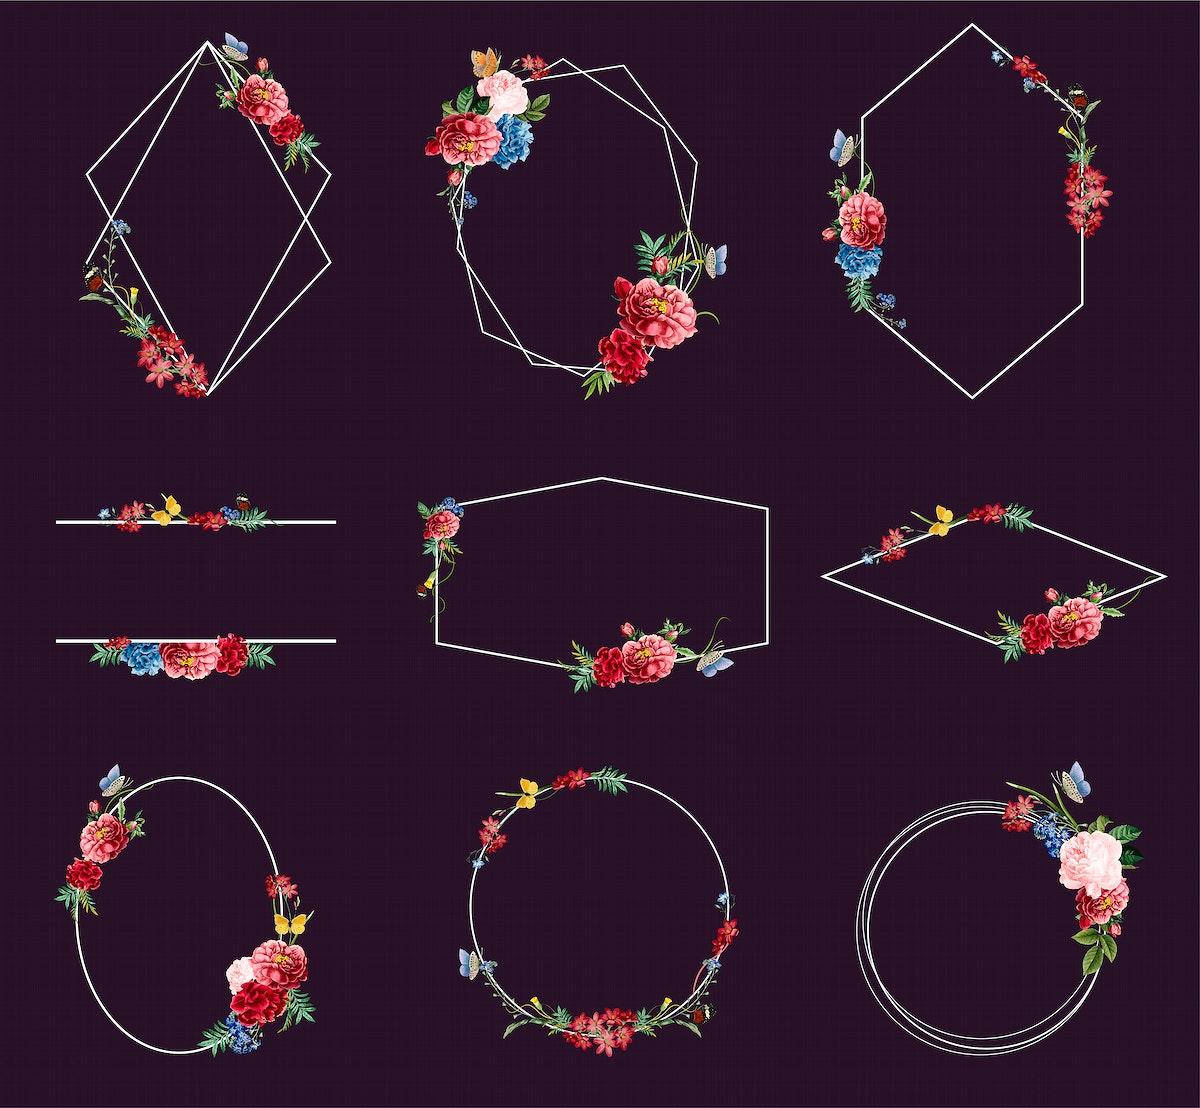 Set of floral frame illustrations